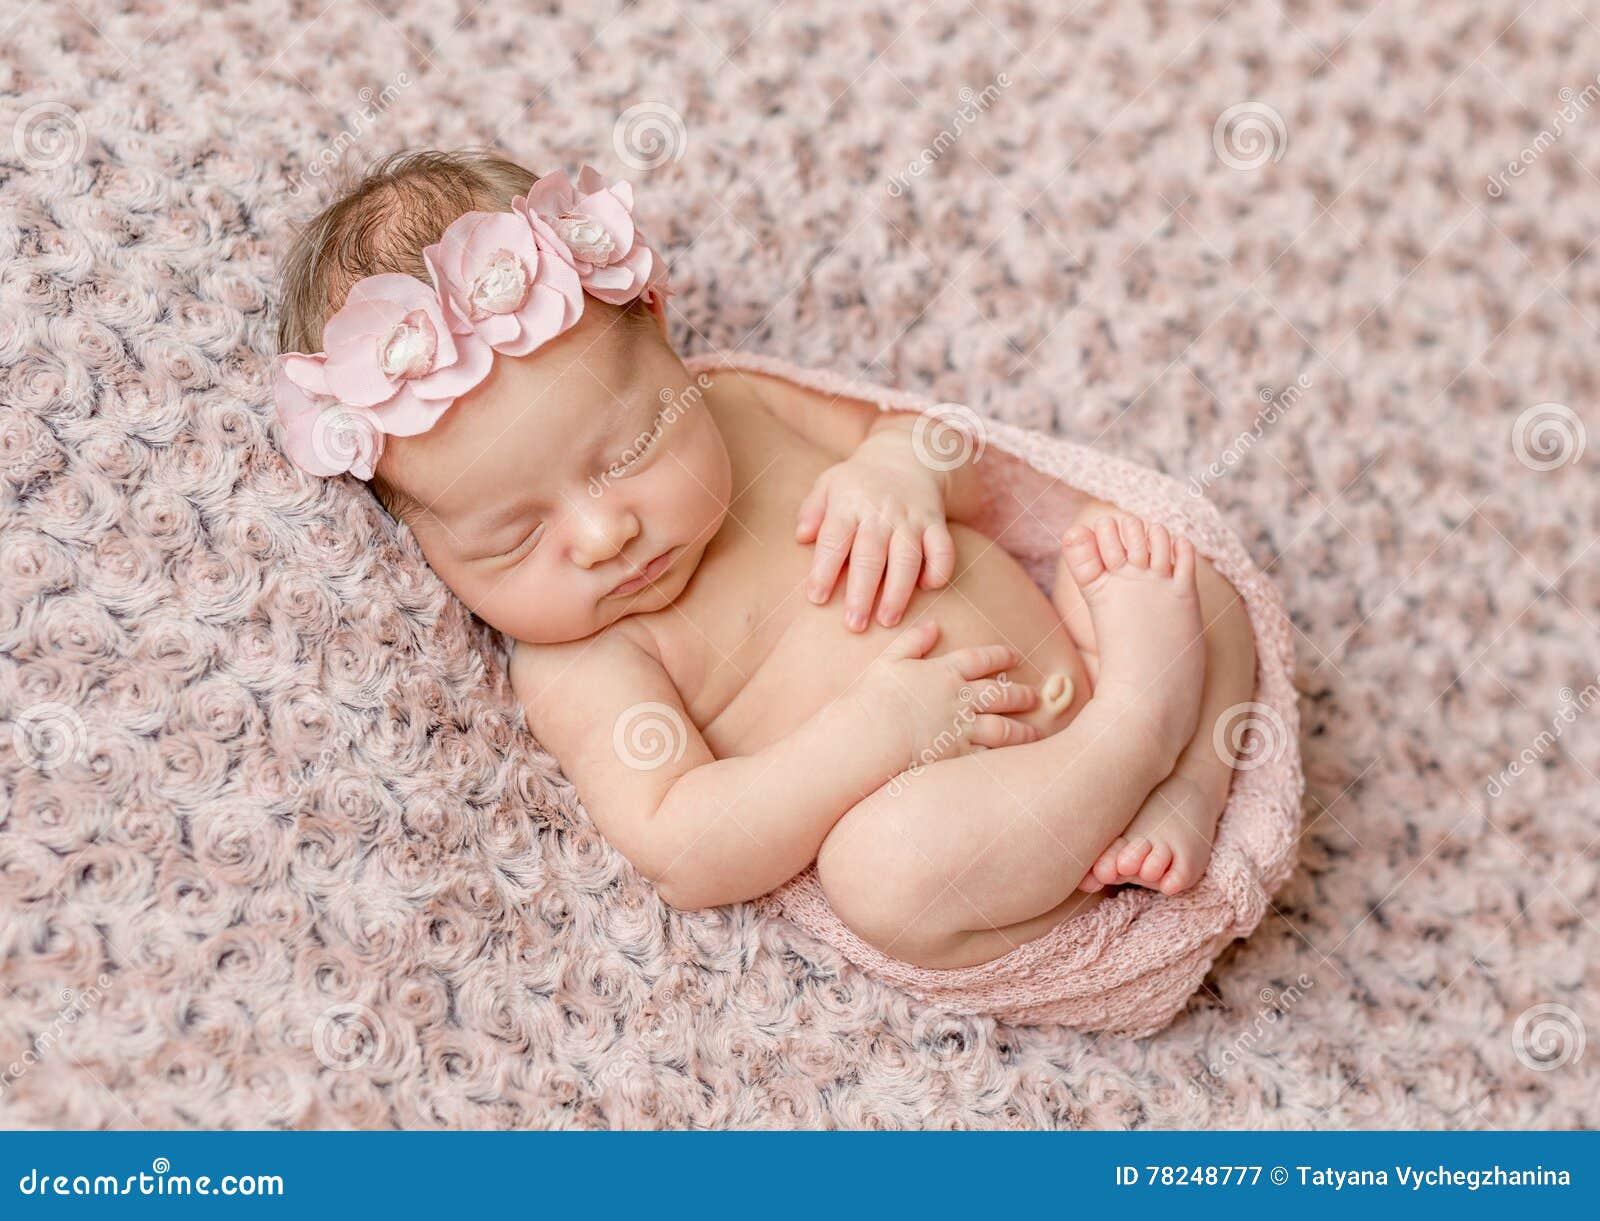 Bel courbé endormi nouveau-né, enveloppé dans la couche-culotte rose